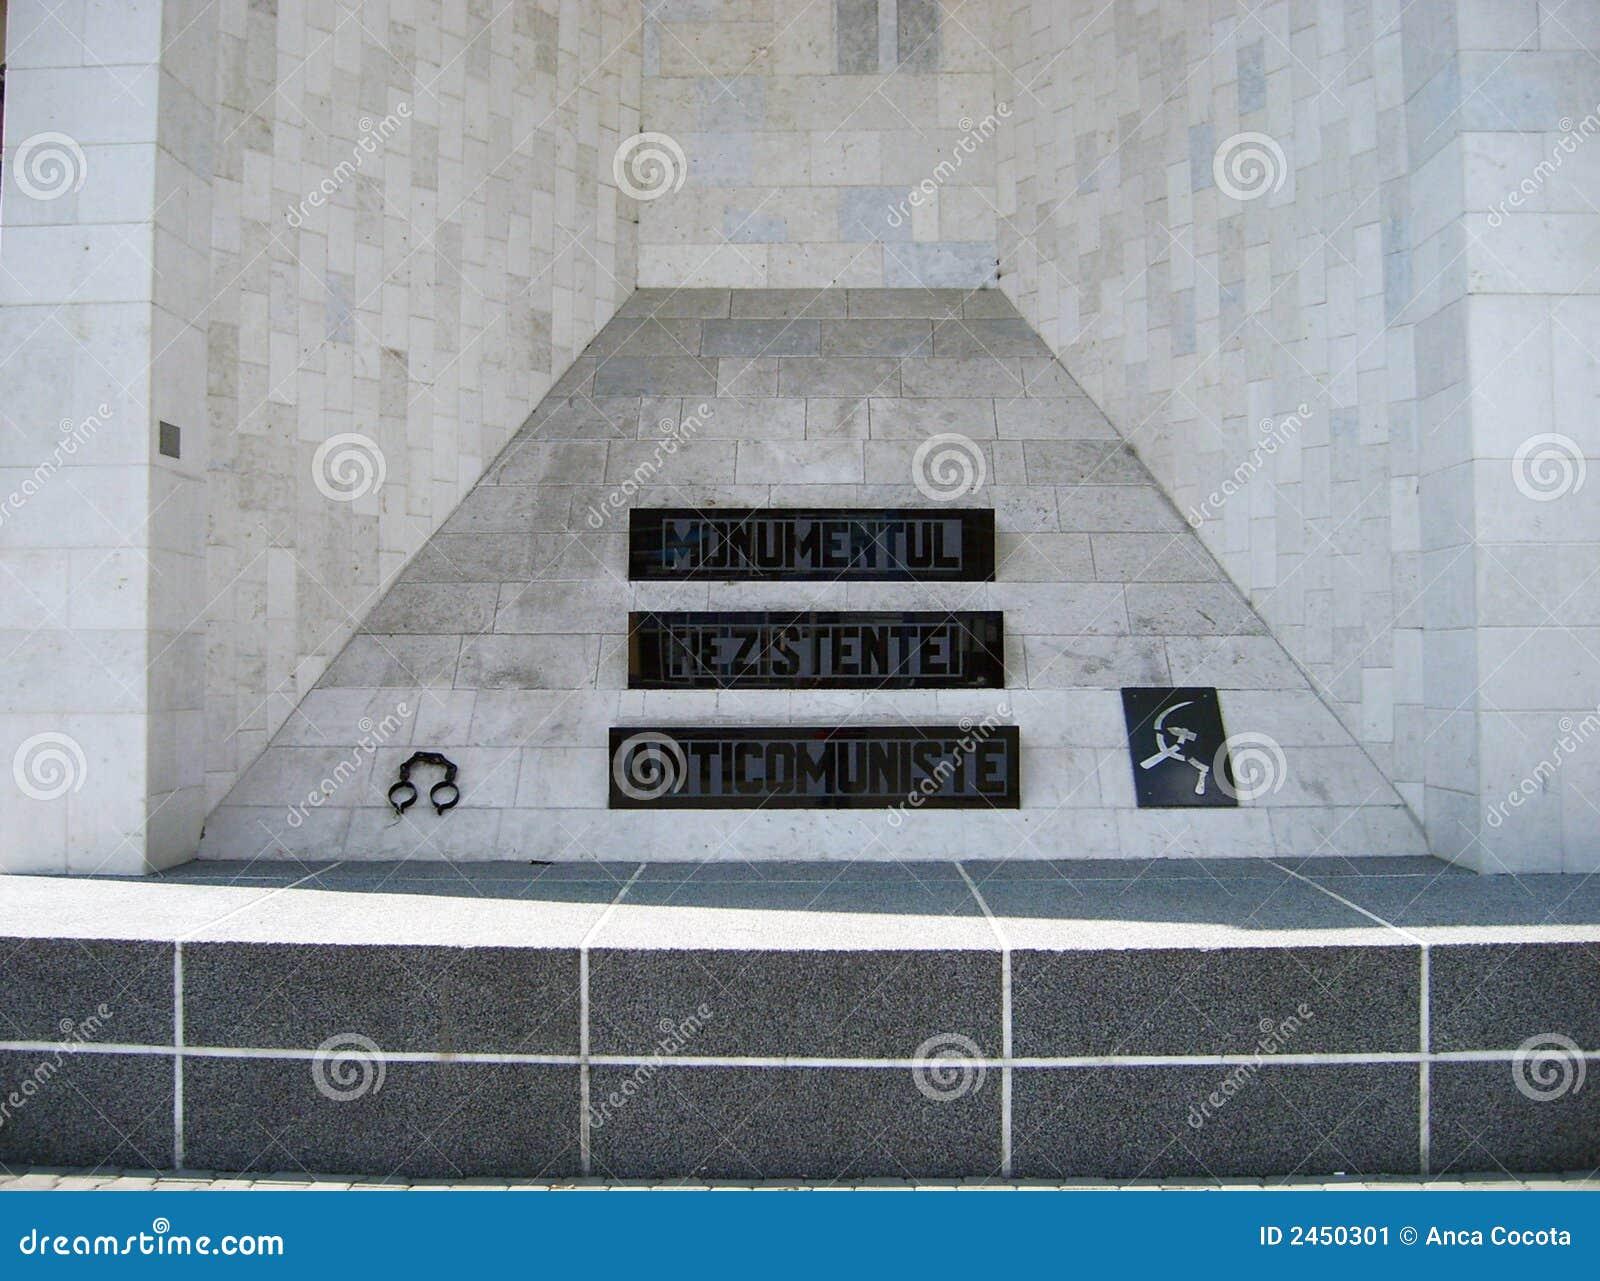 Anticommunist monument.